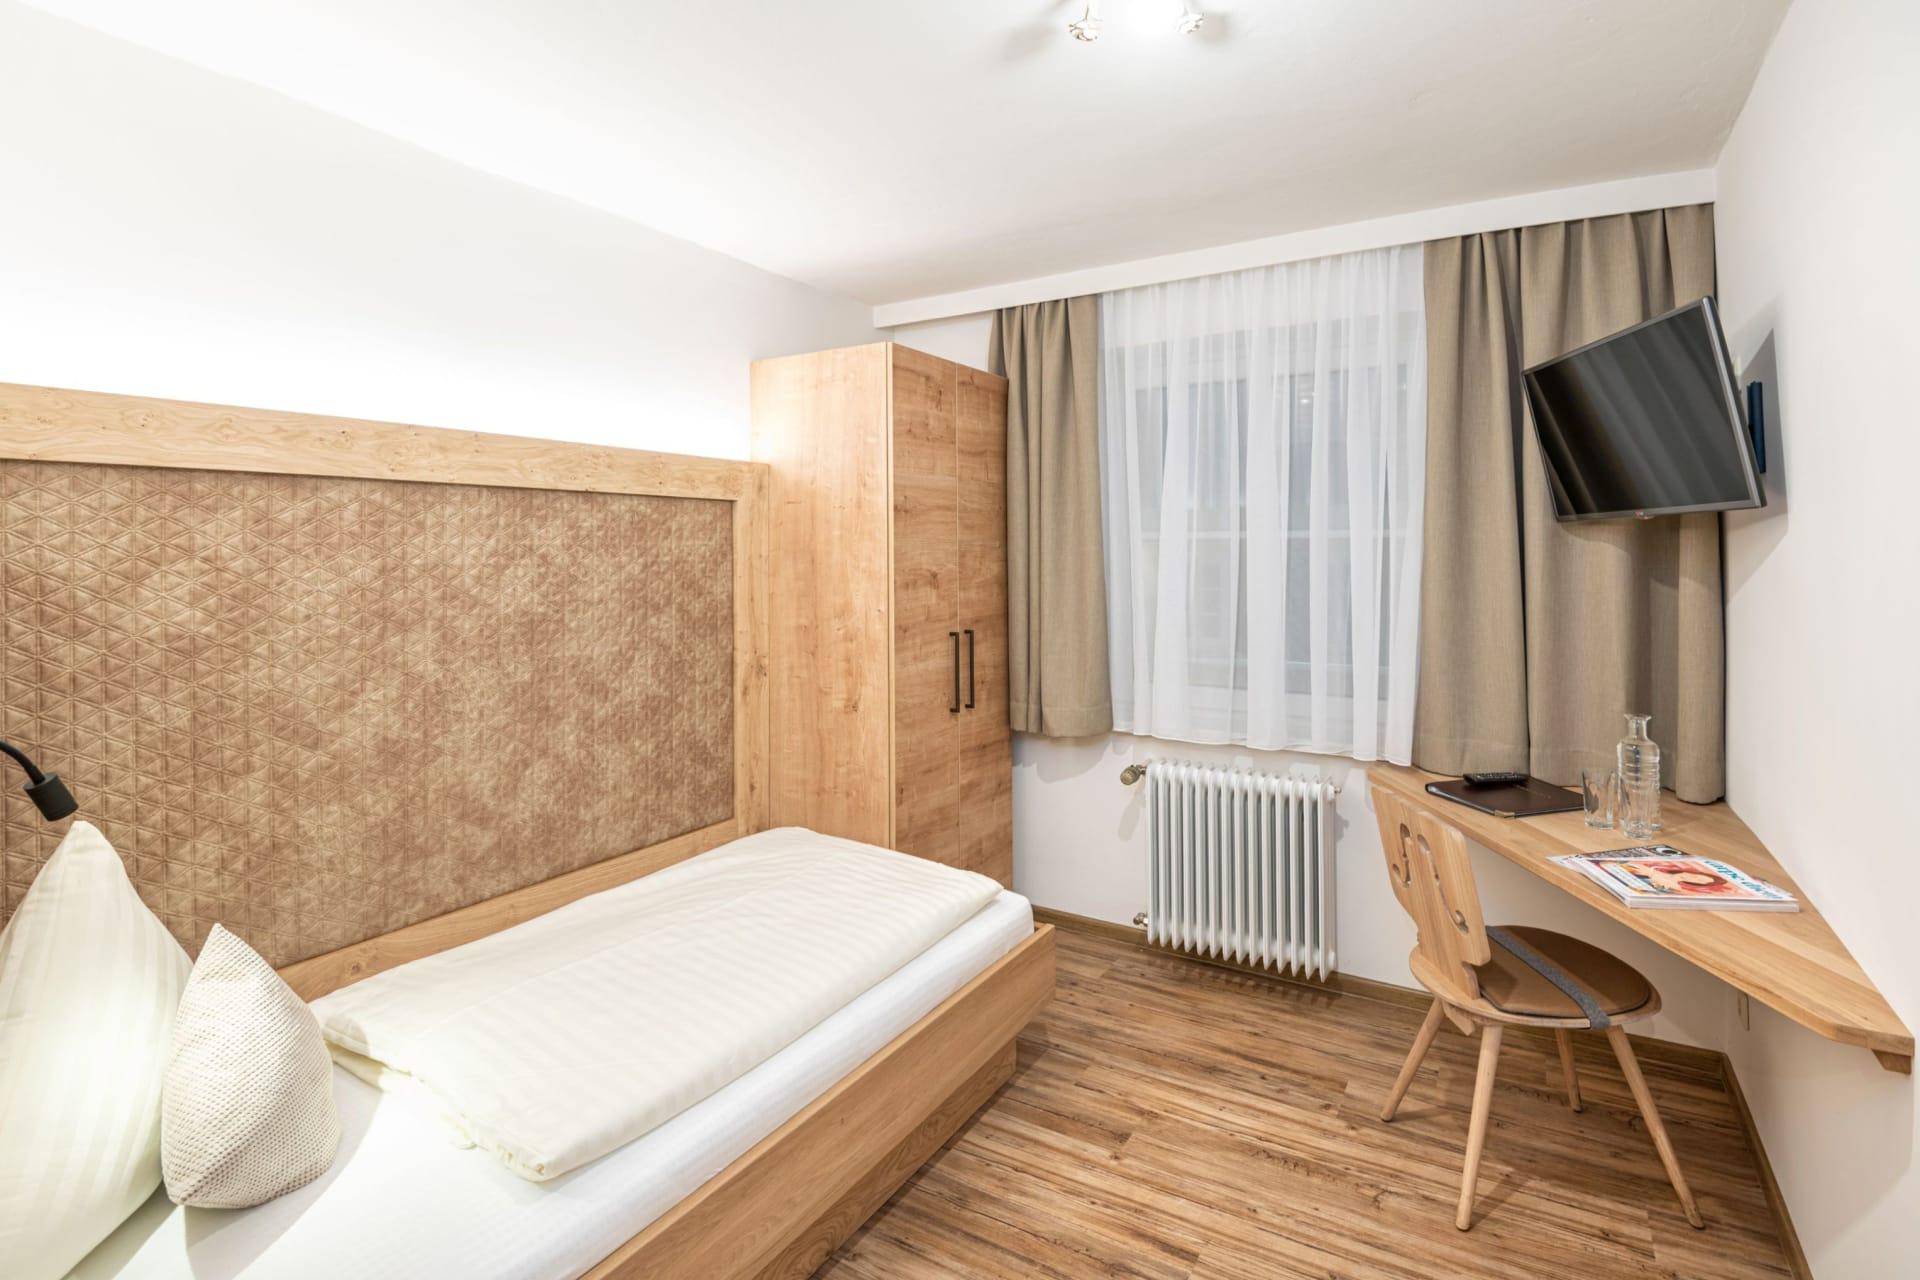 Bräu-Single-Room